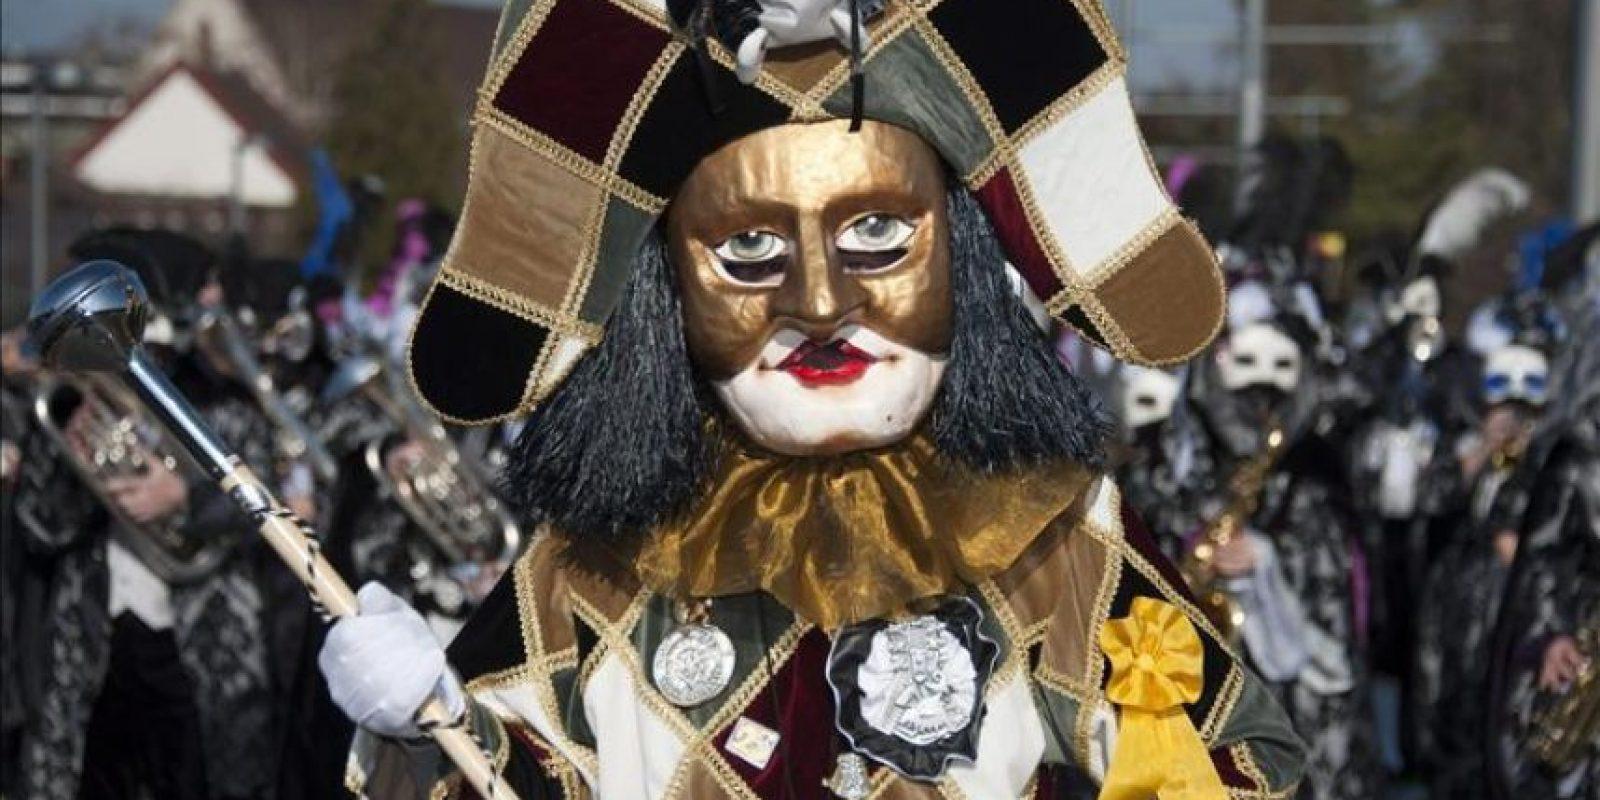 Una persona disfrazada asiste a un desfile del Carnaval de Basilea, Suiza. EFE